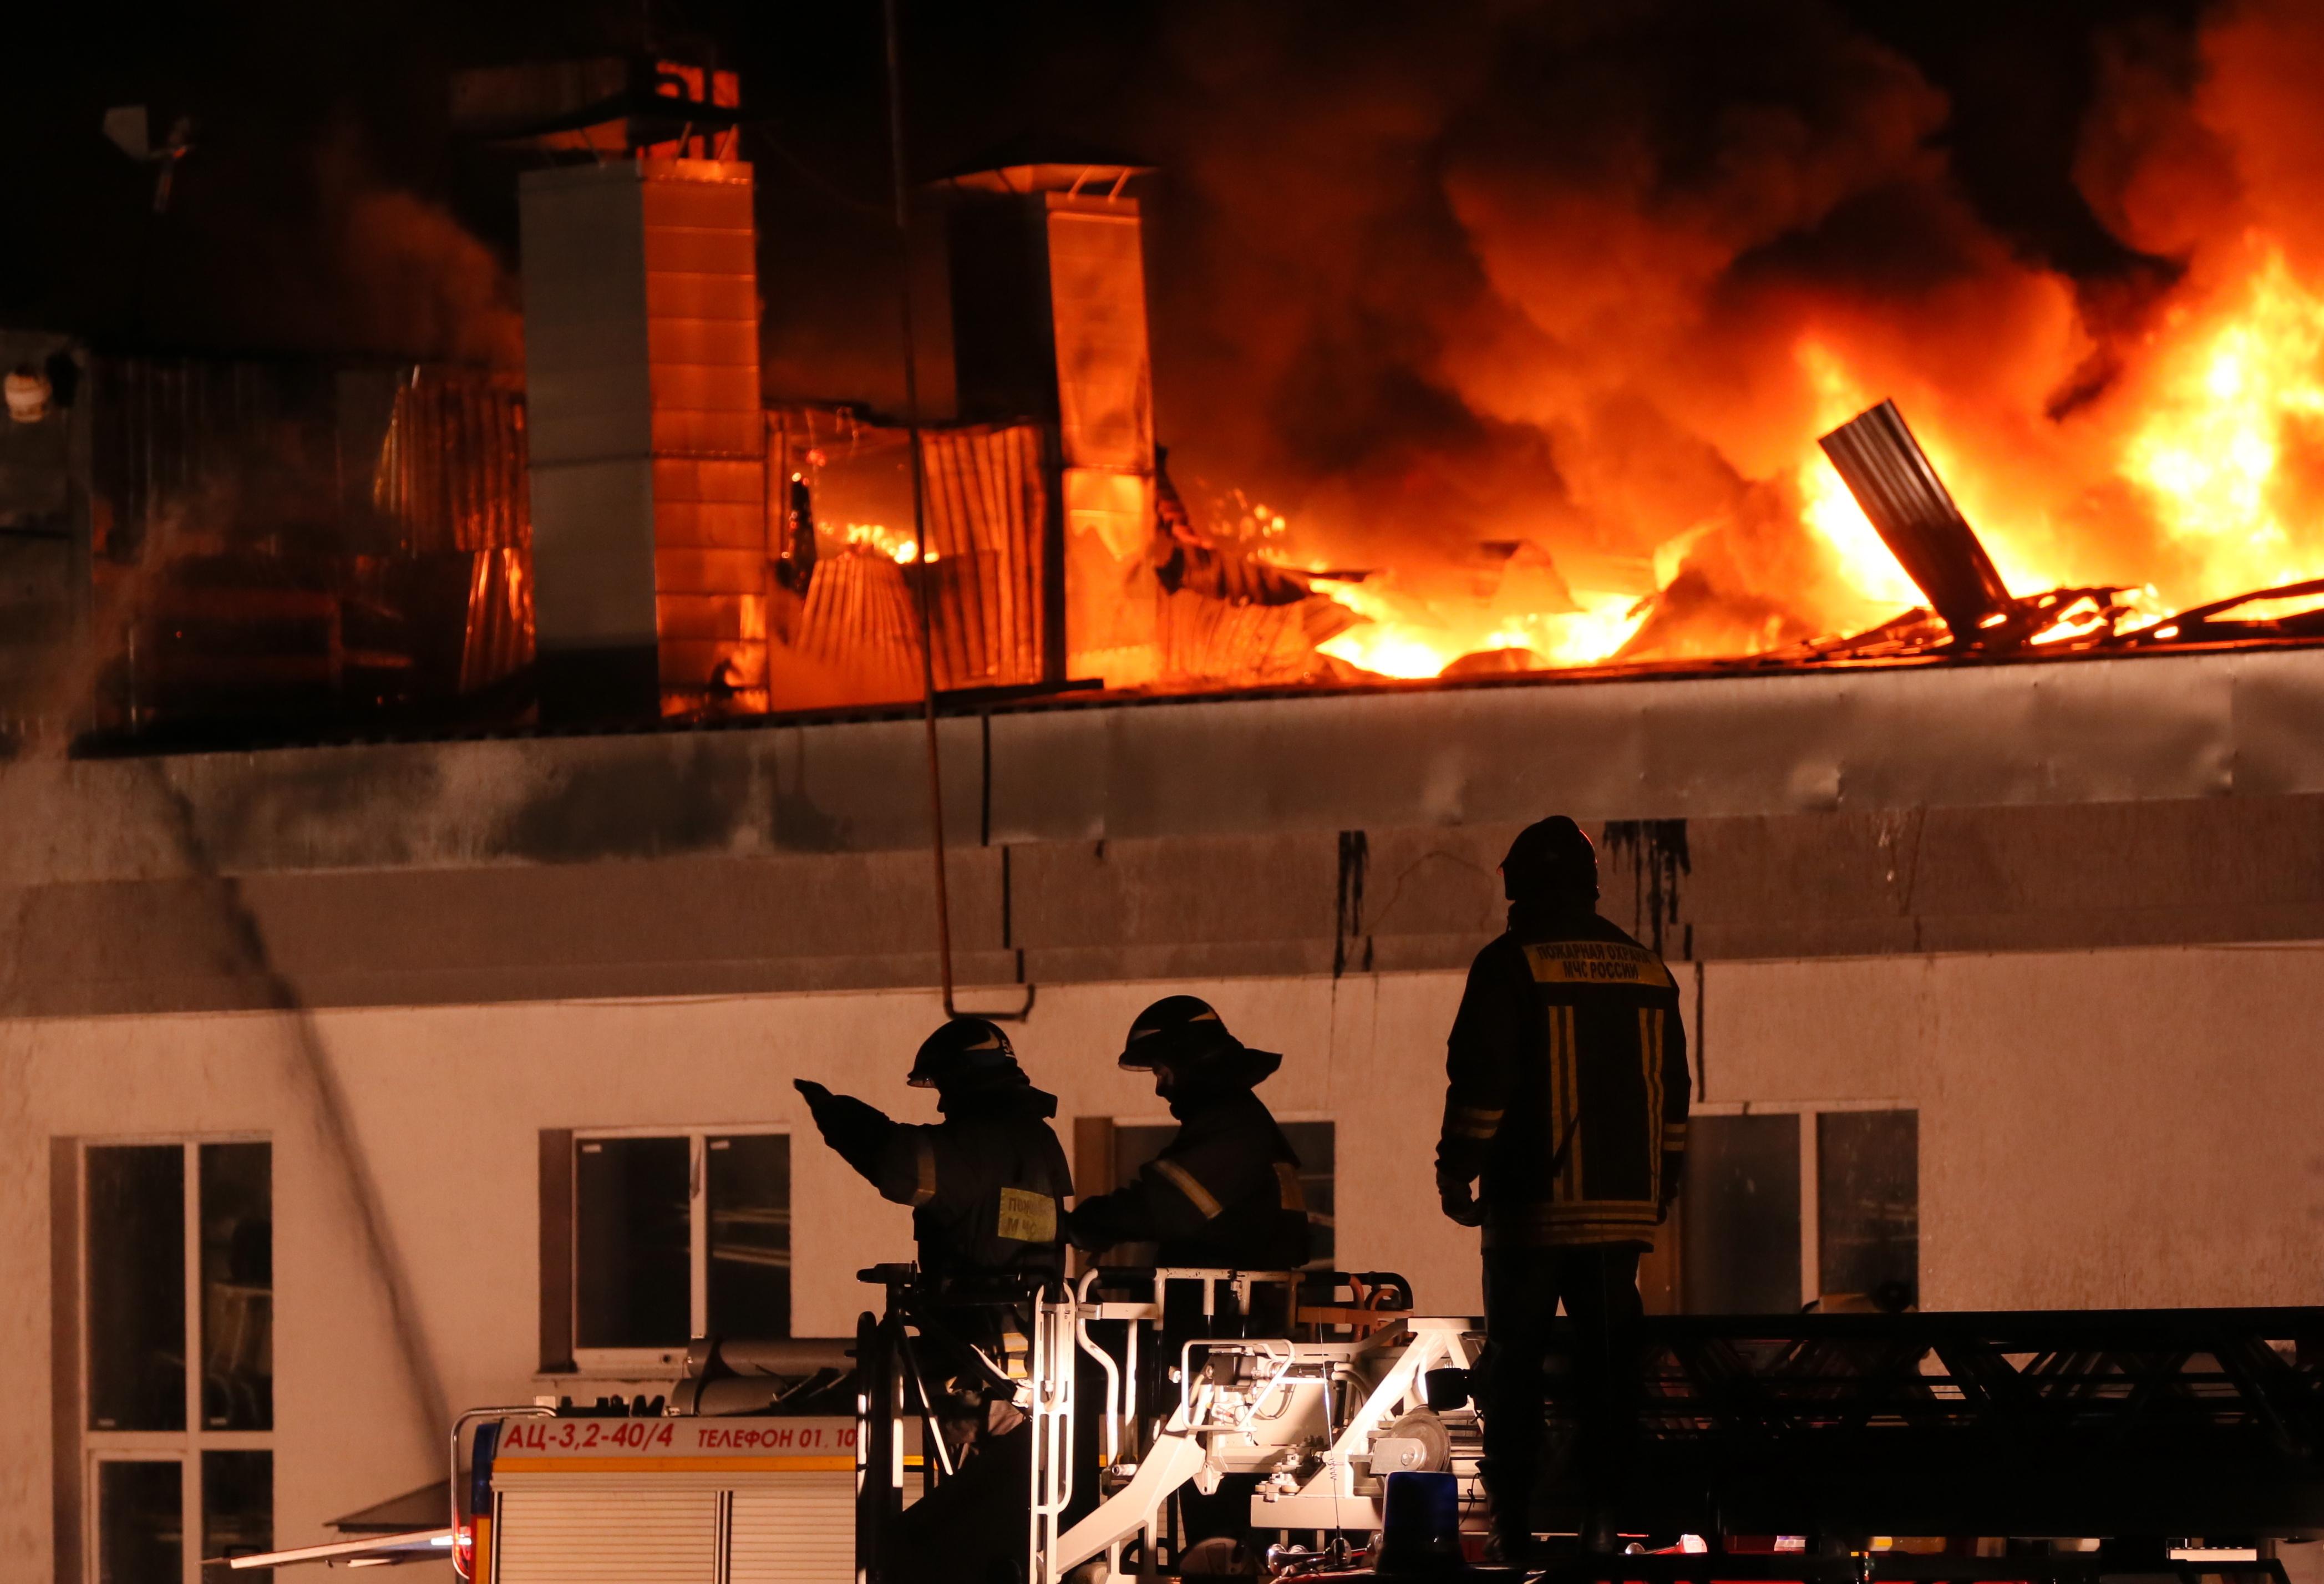 На месте работало девять пожарных и две спецмашины. Фото: Алексей Дружинин